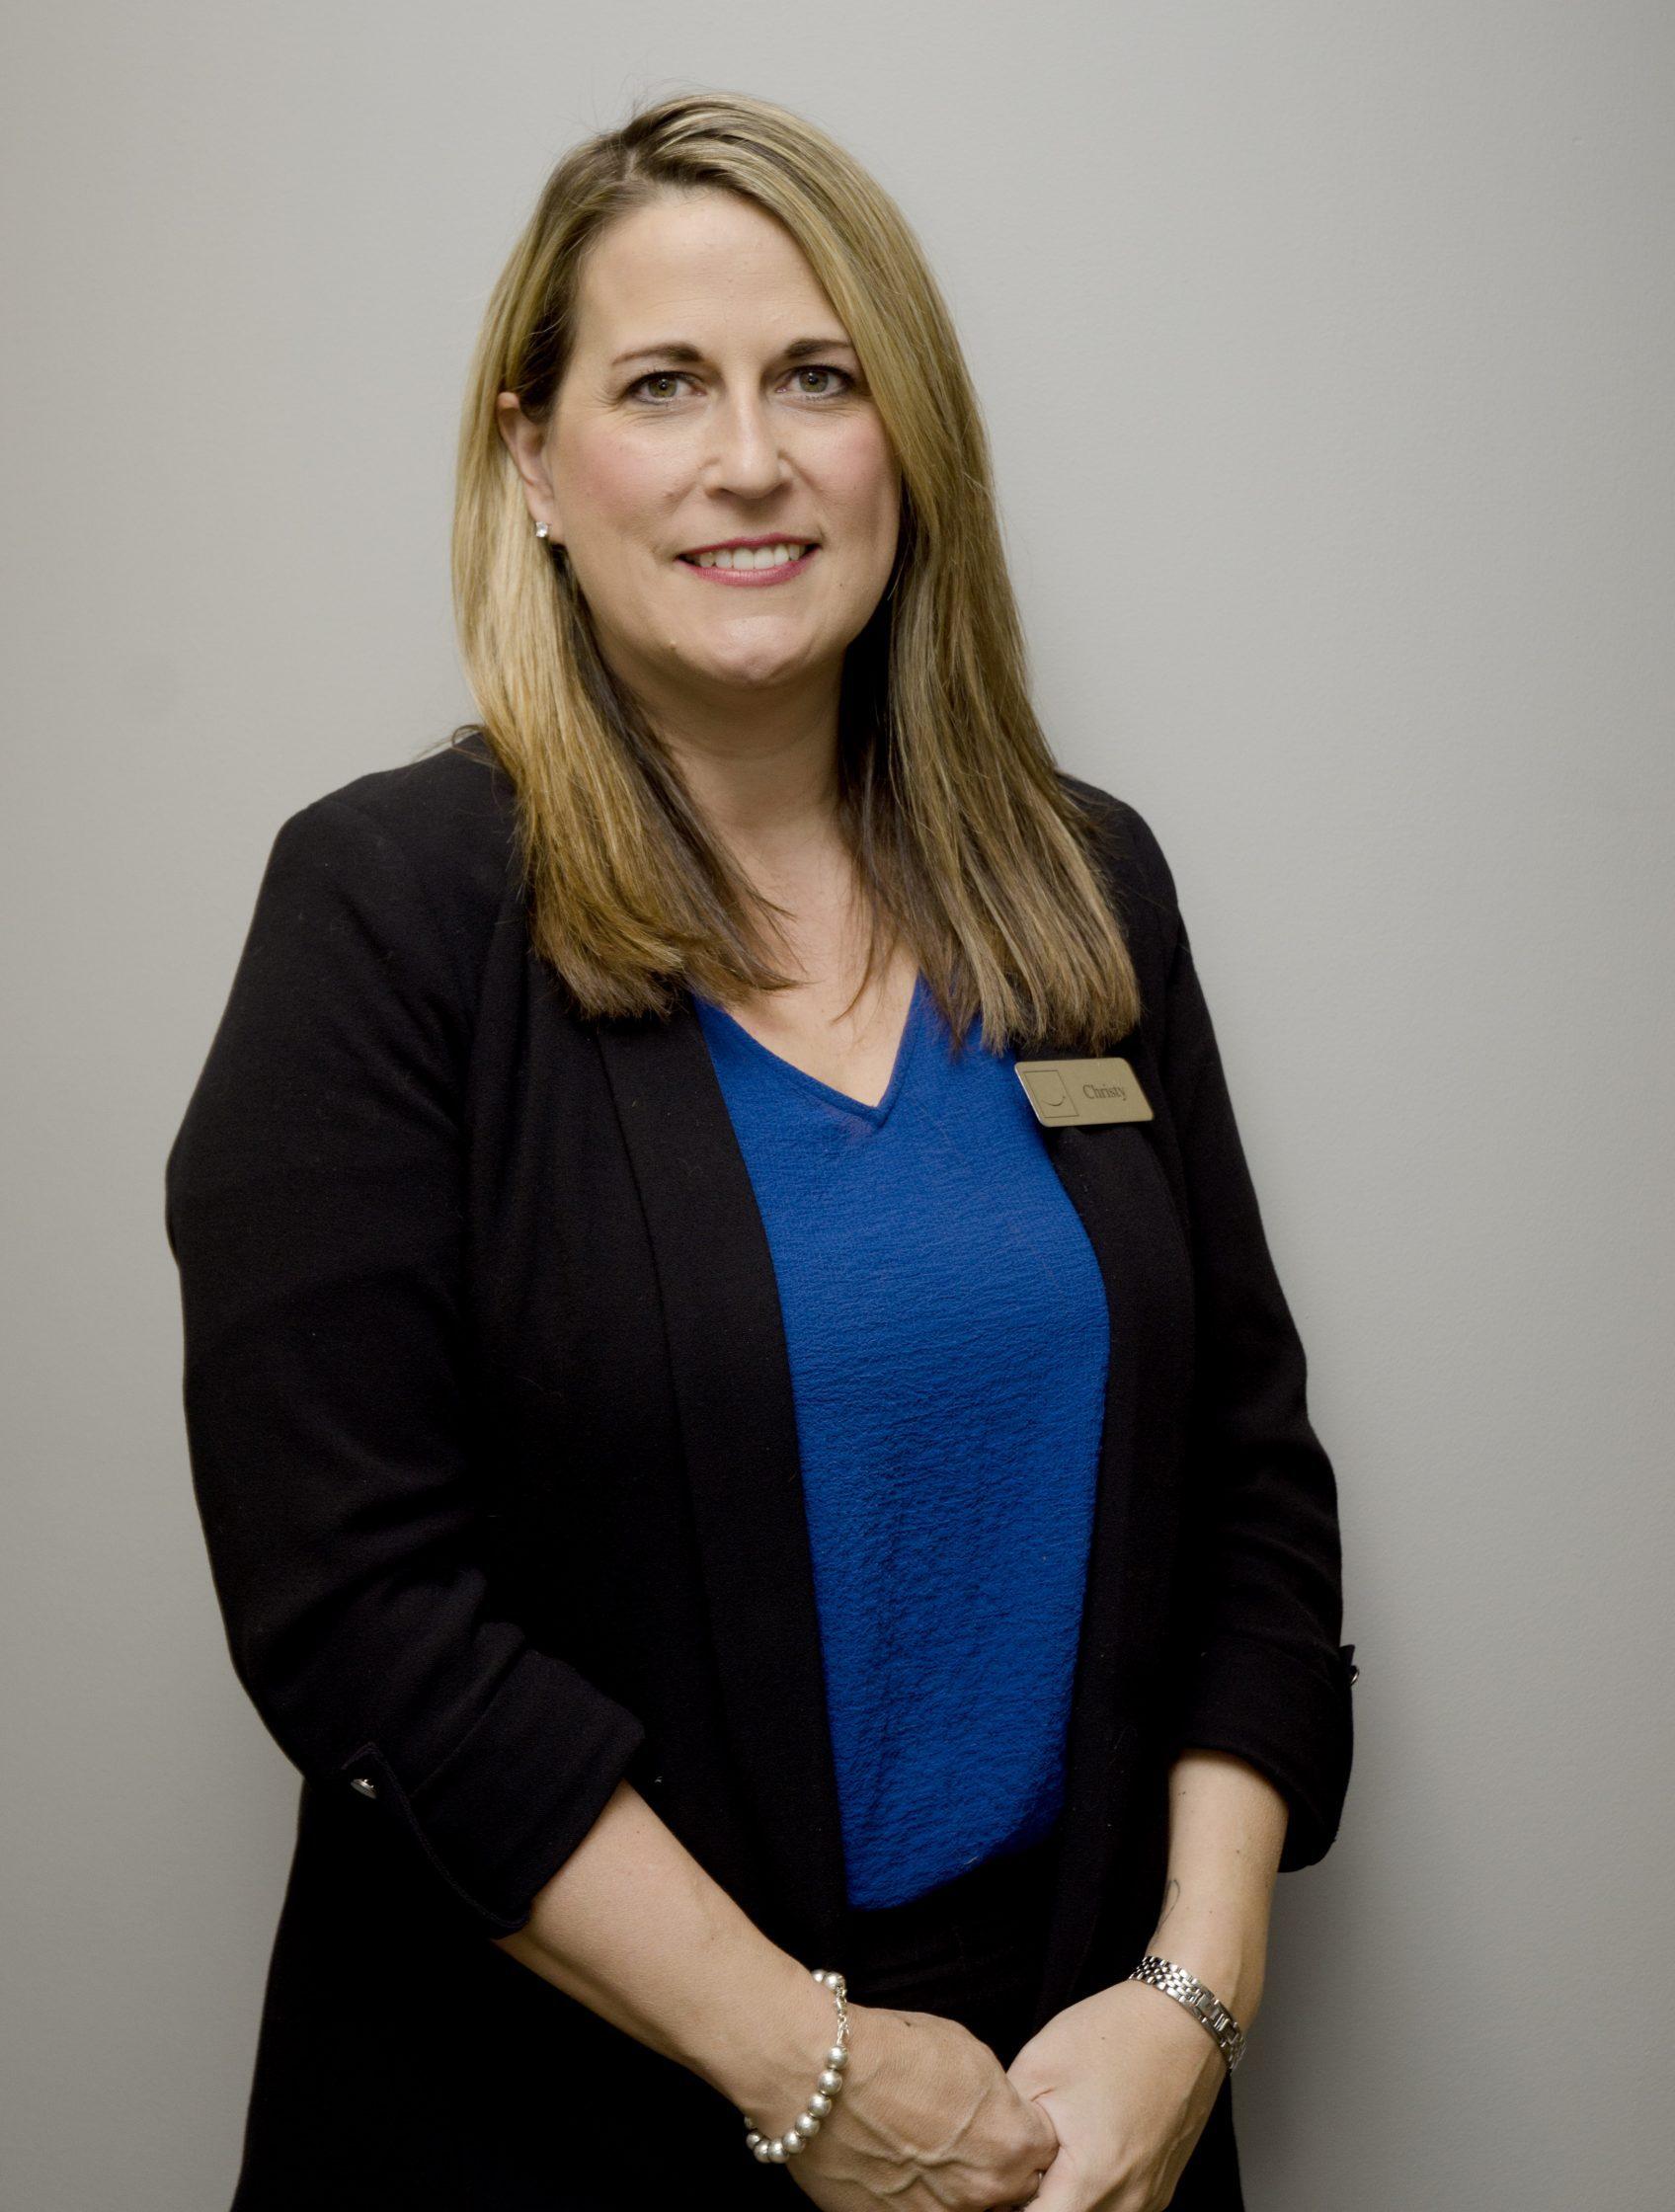 Christy Harl